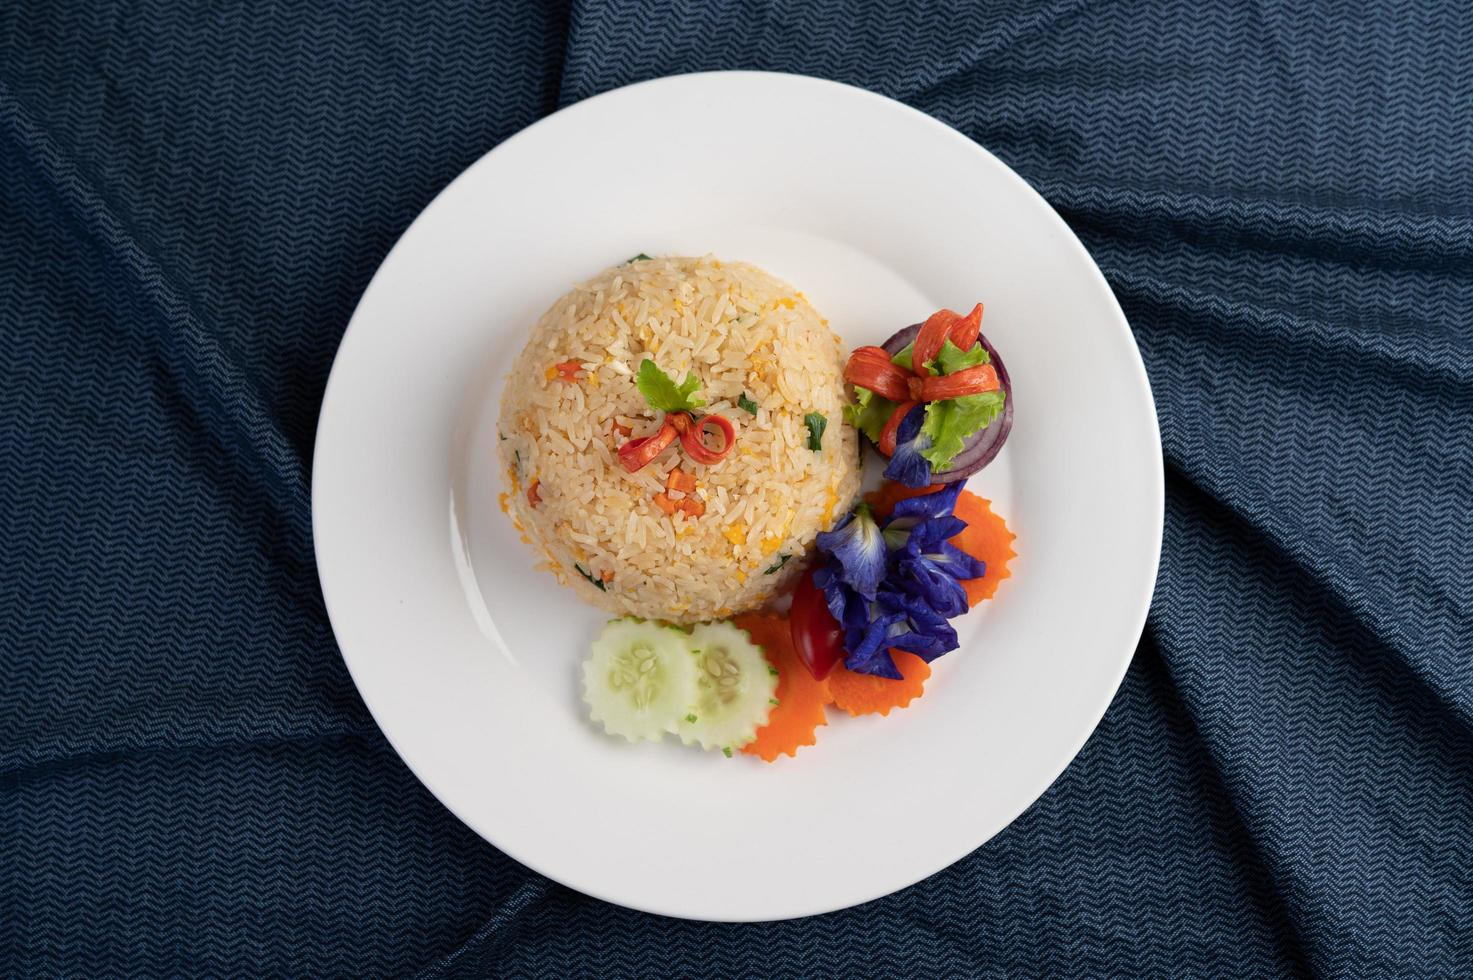 äggstekt ris på en vit platta med skrynkligt tyg foto